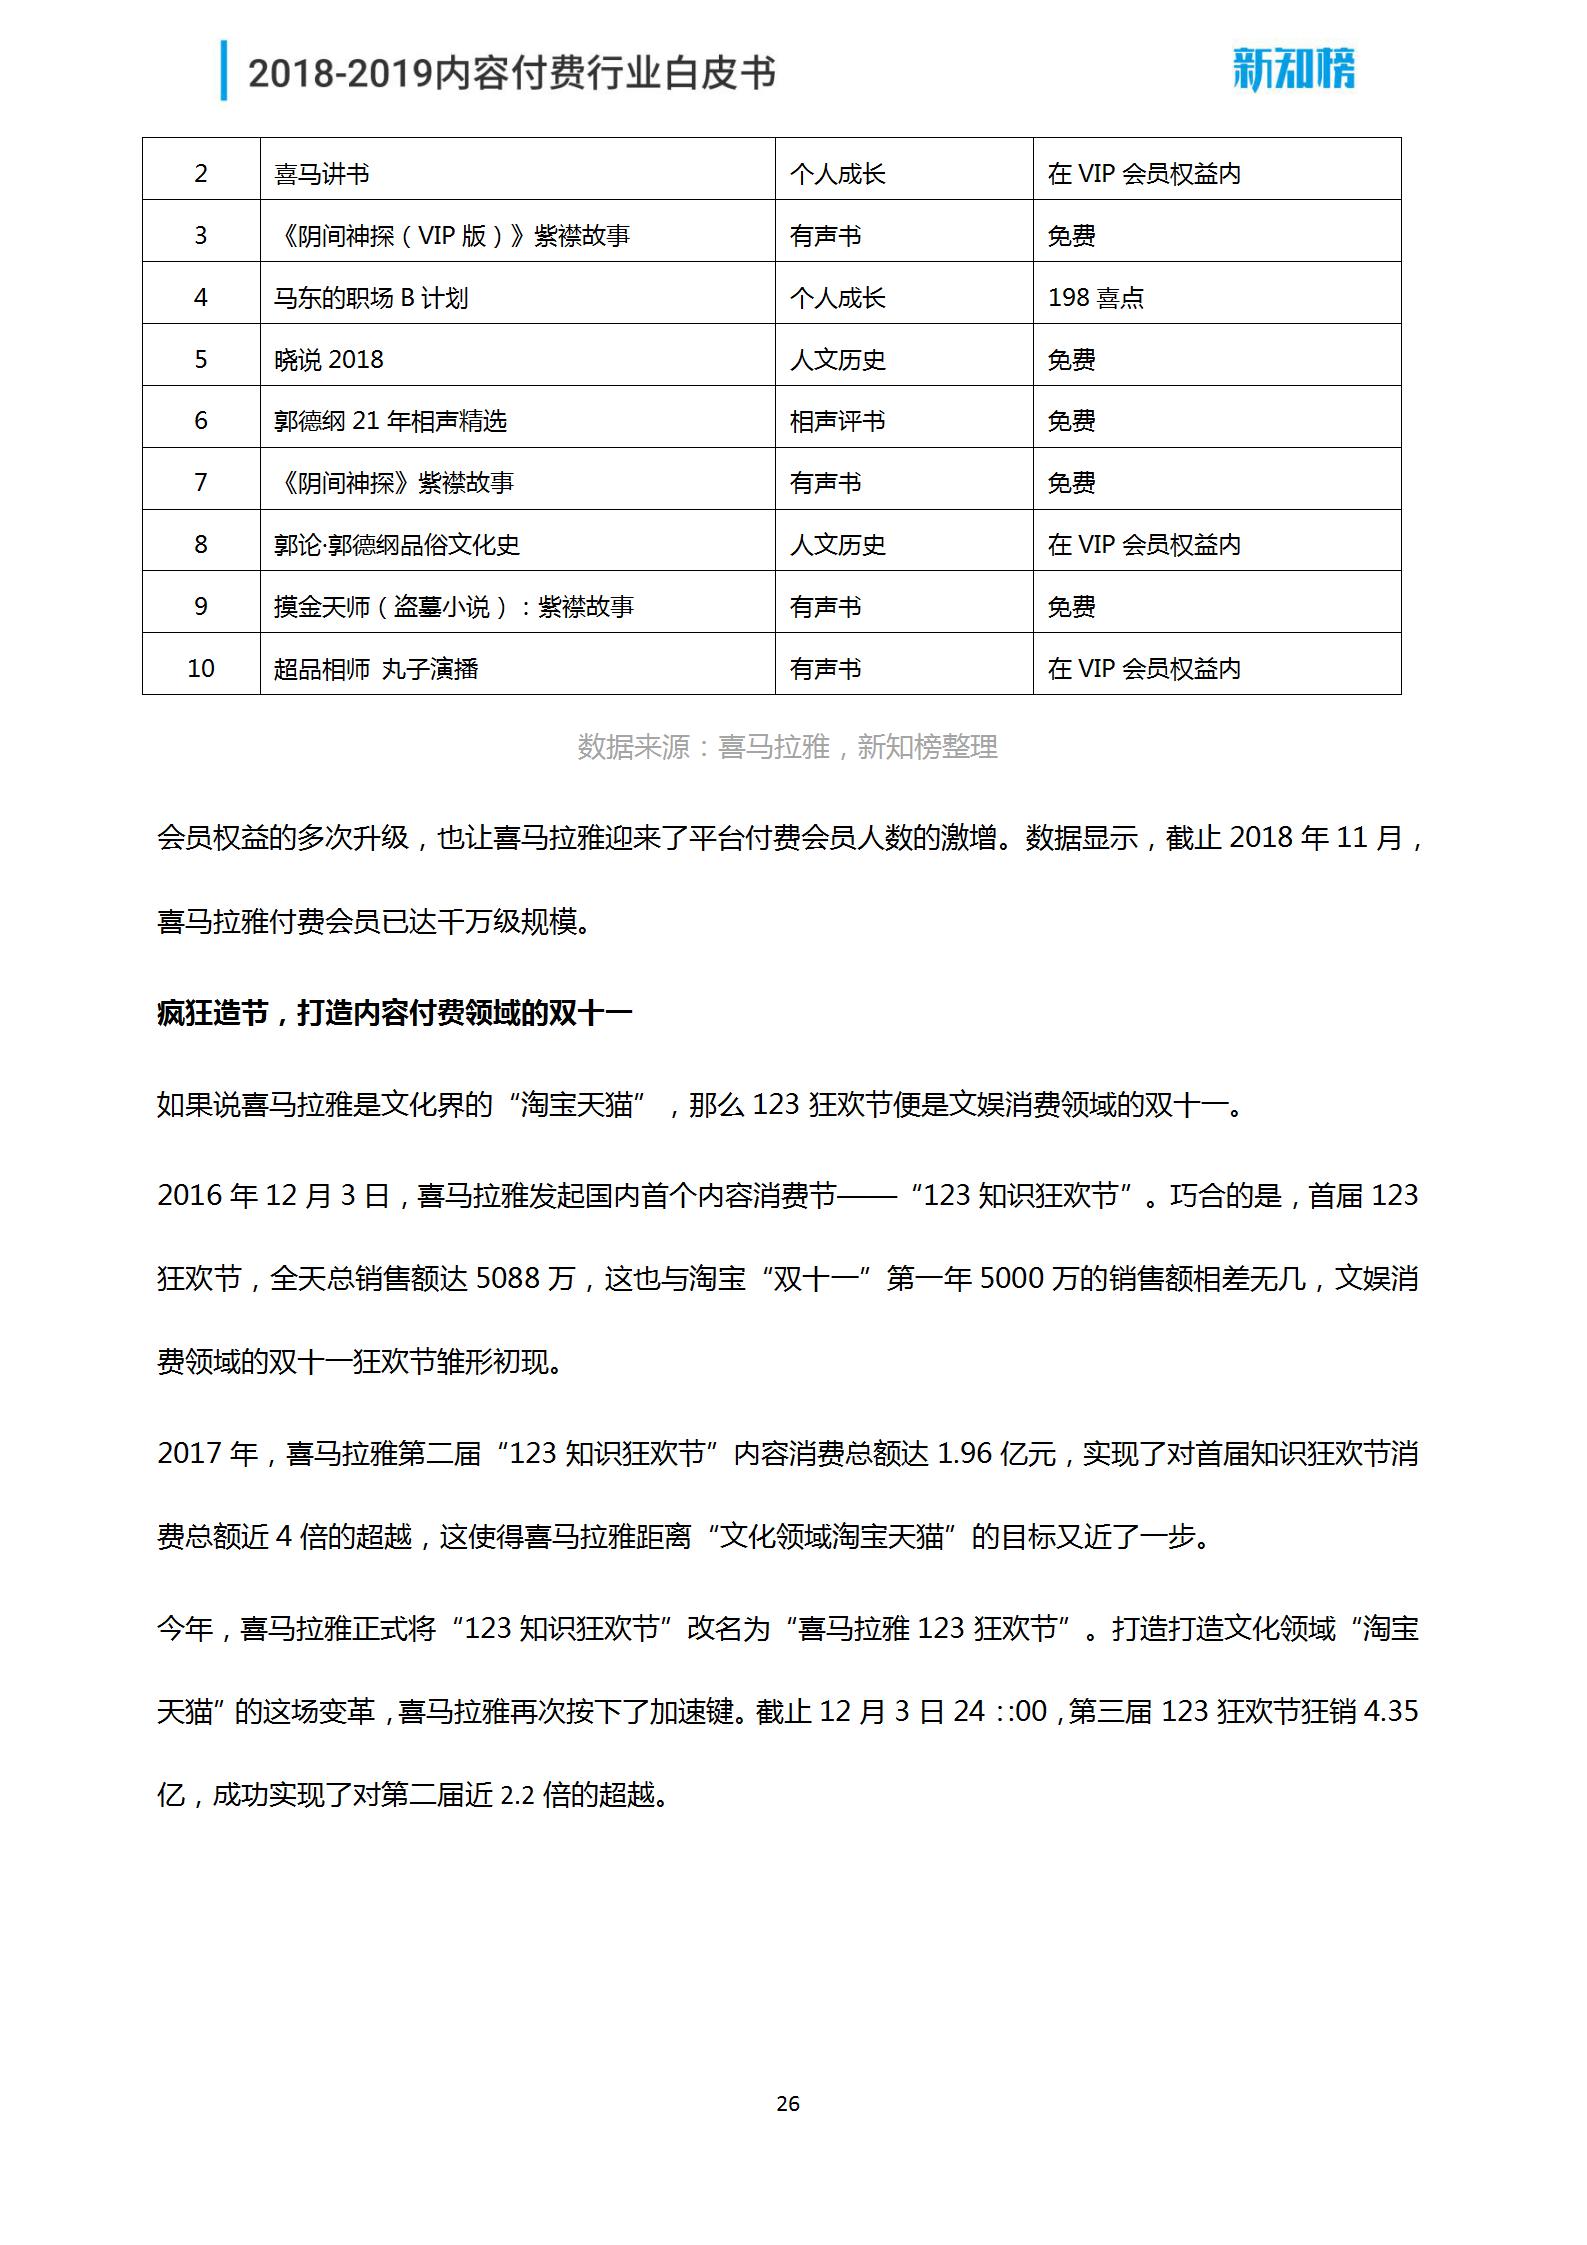 新知榜2018-2019内容付费行业白皮书_26.png